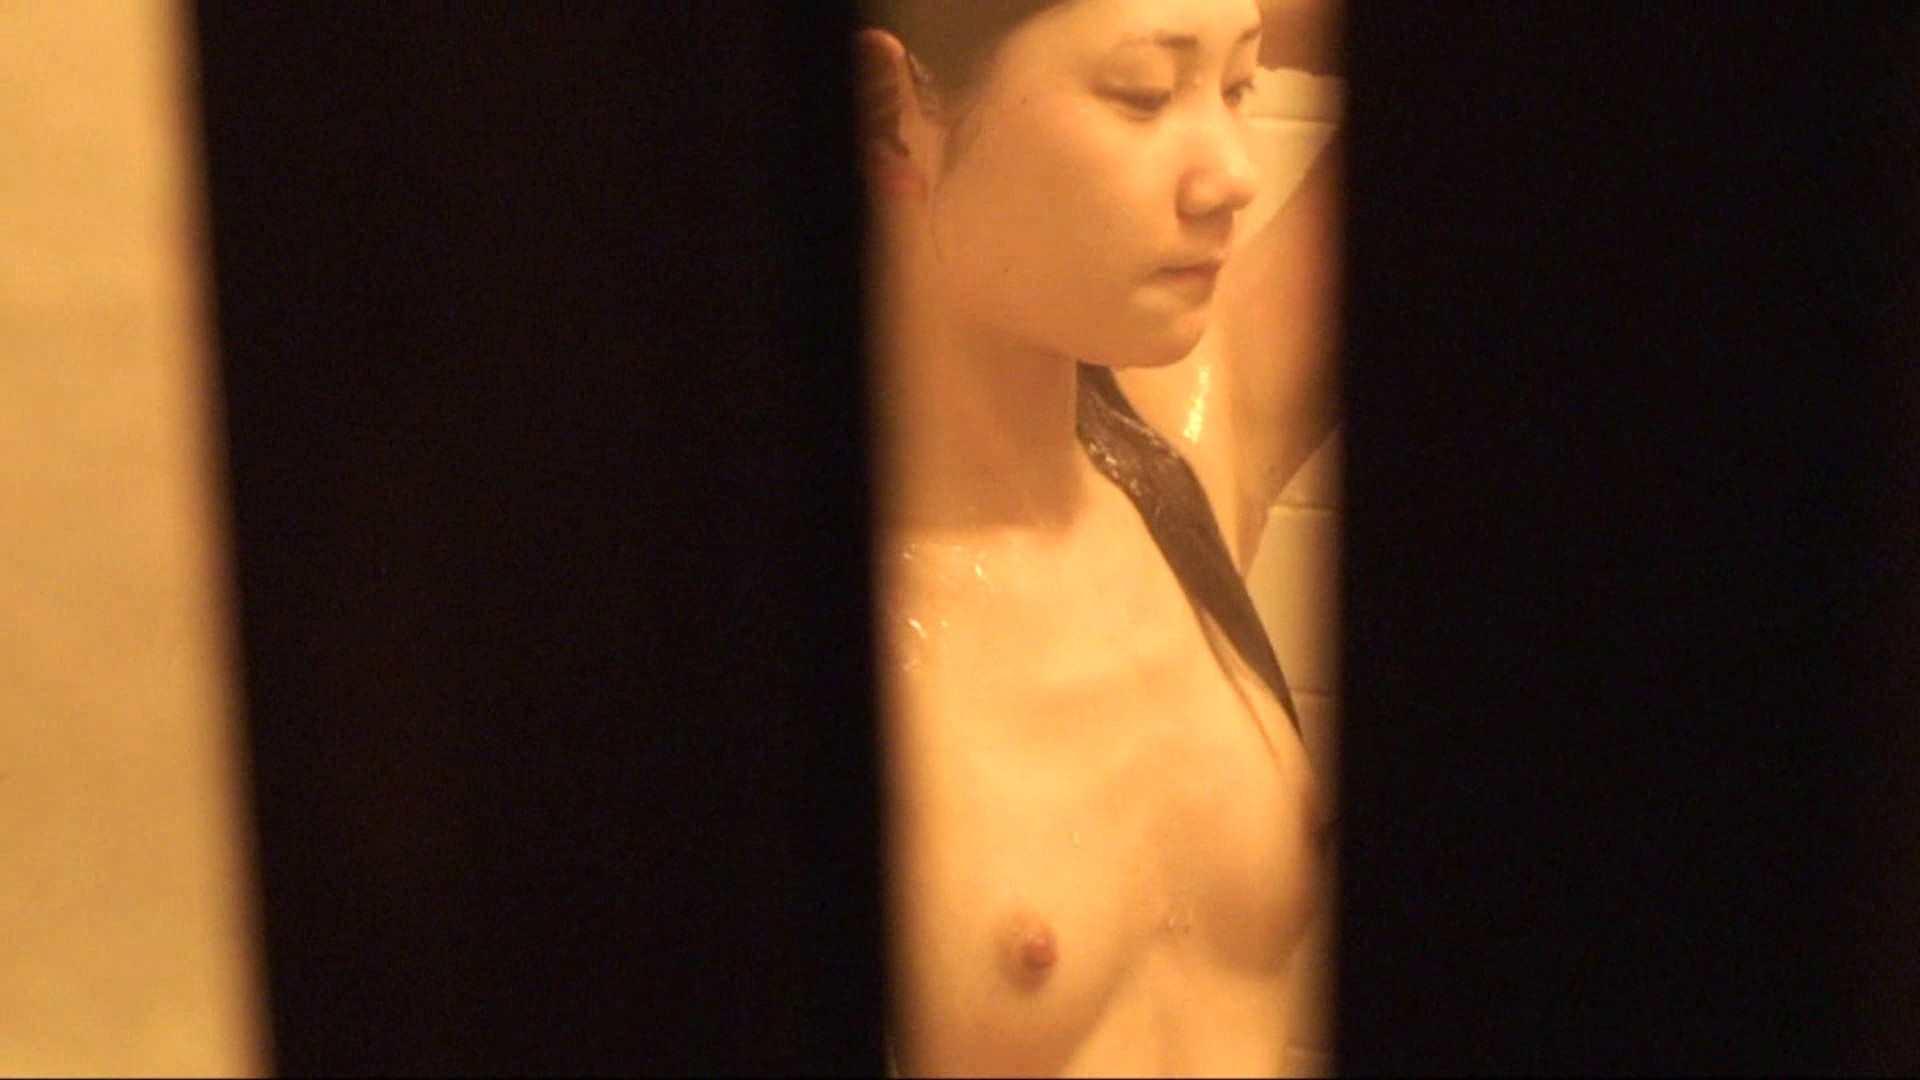 vol.02超可愛すぎる彼女の裸体をハイビジョンで!至近距離での眺め最高! 民家 オマンコ無修正動画無料 94連発 65